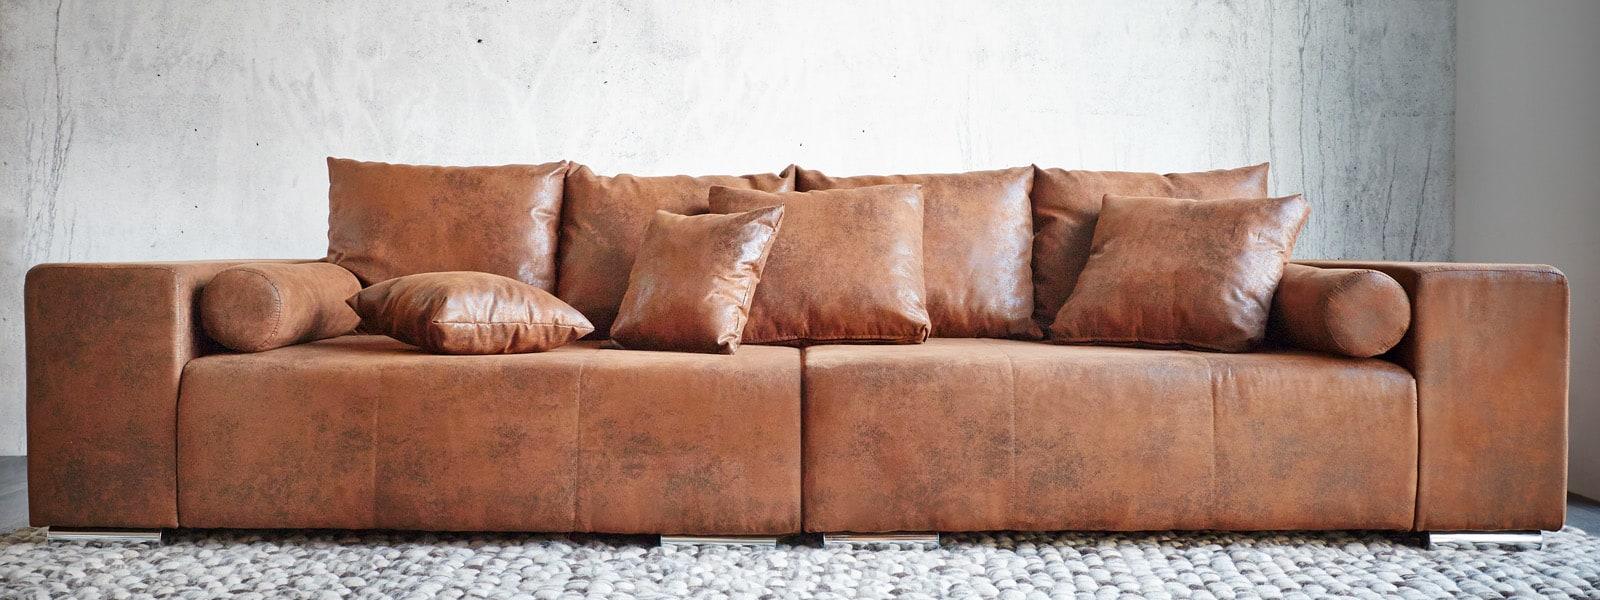 Full Size of Life Coach Silas Delife Big Sofa Noelia Lanzo Couch Clovis Xxl Violetta Otto Xl Hersteller Reinigen Billig Spannbezug Groß Mit Relaxfunktion Leinen Weiß Grau Sofa Delife Sofa